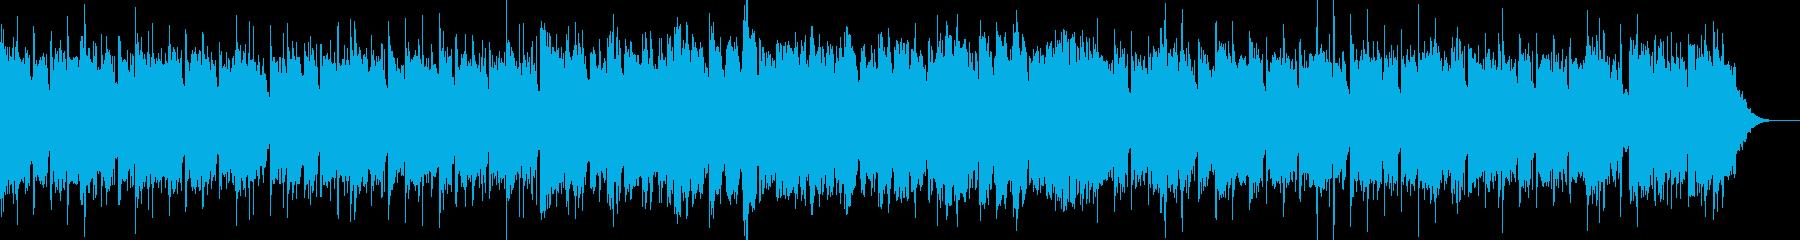 哀愁漂う昭和の演歌風BGM2の再生済みの波形